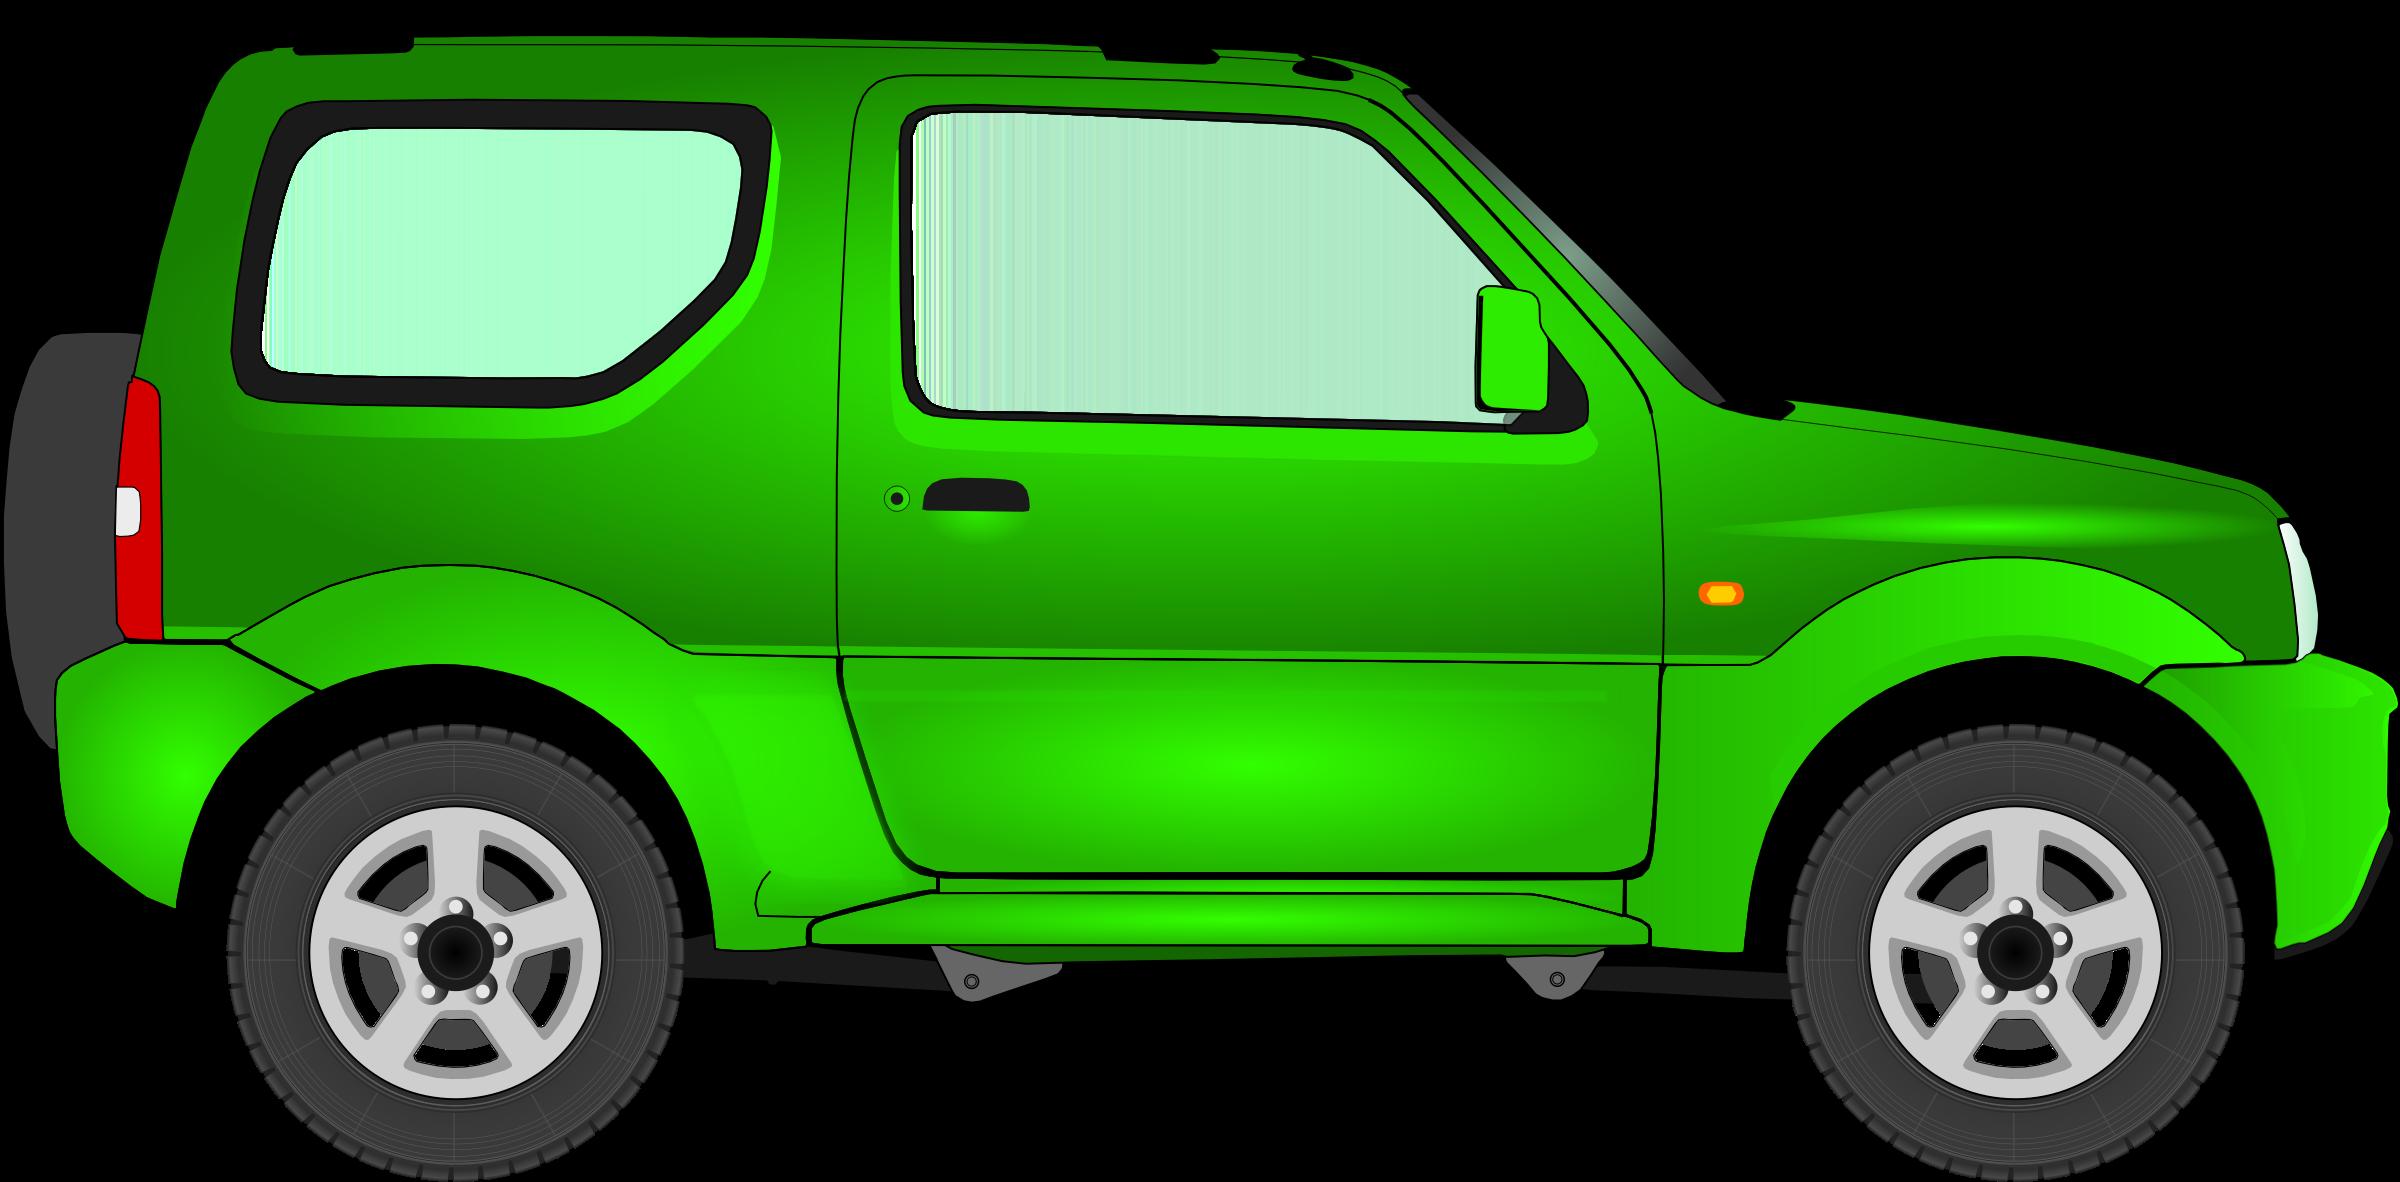 Minivan clipart green car. Big image png